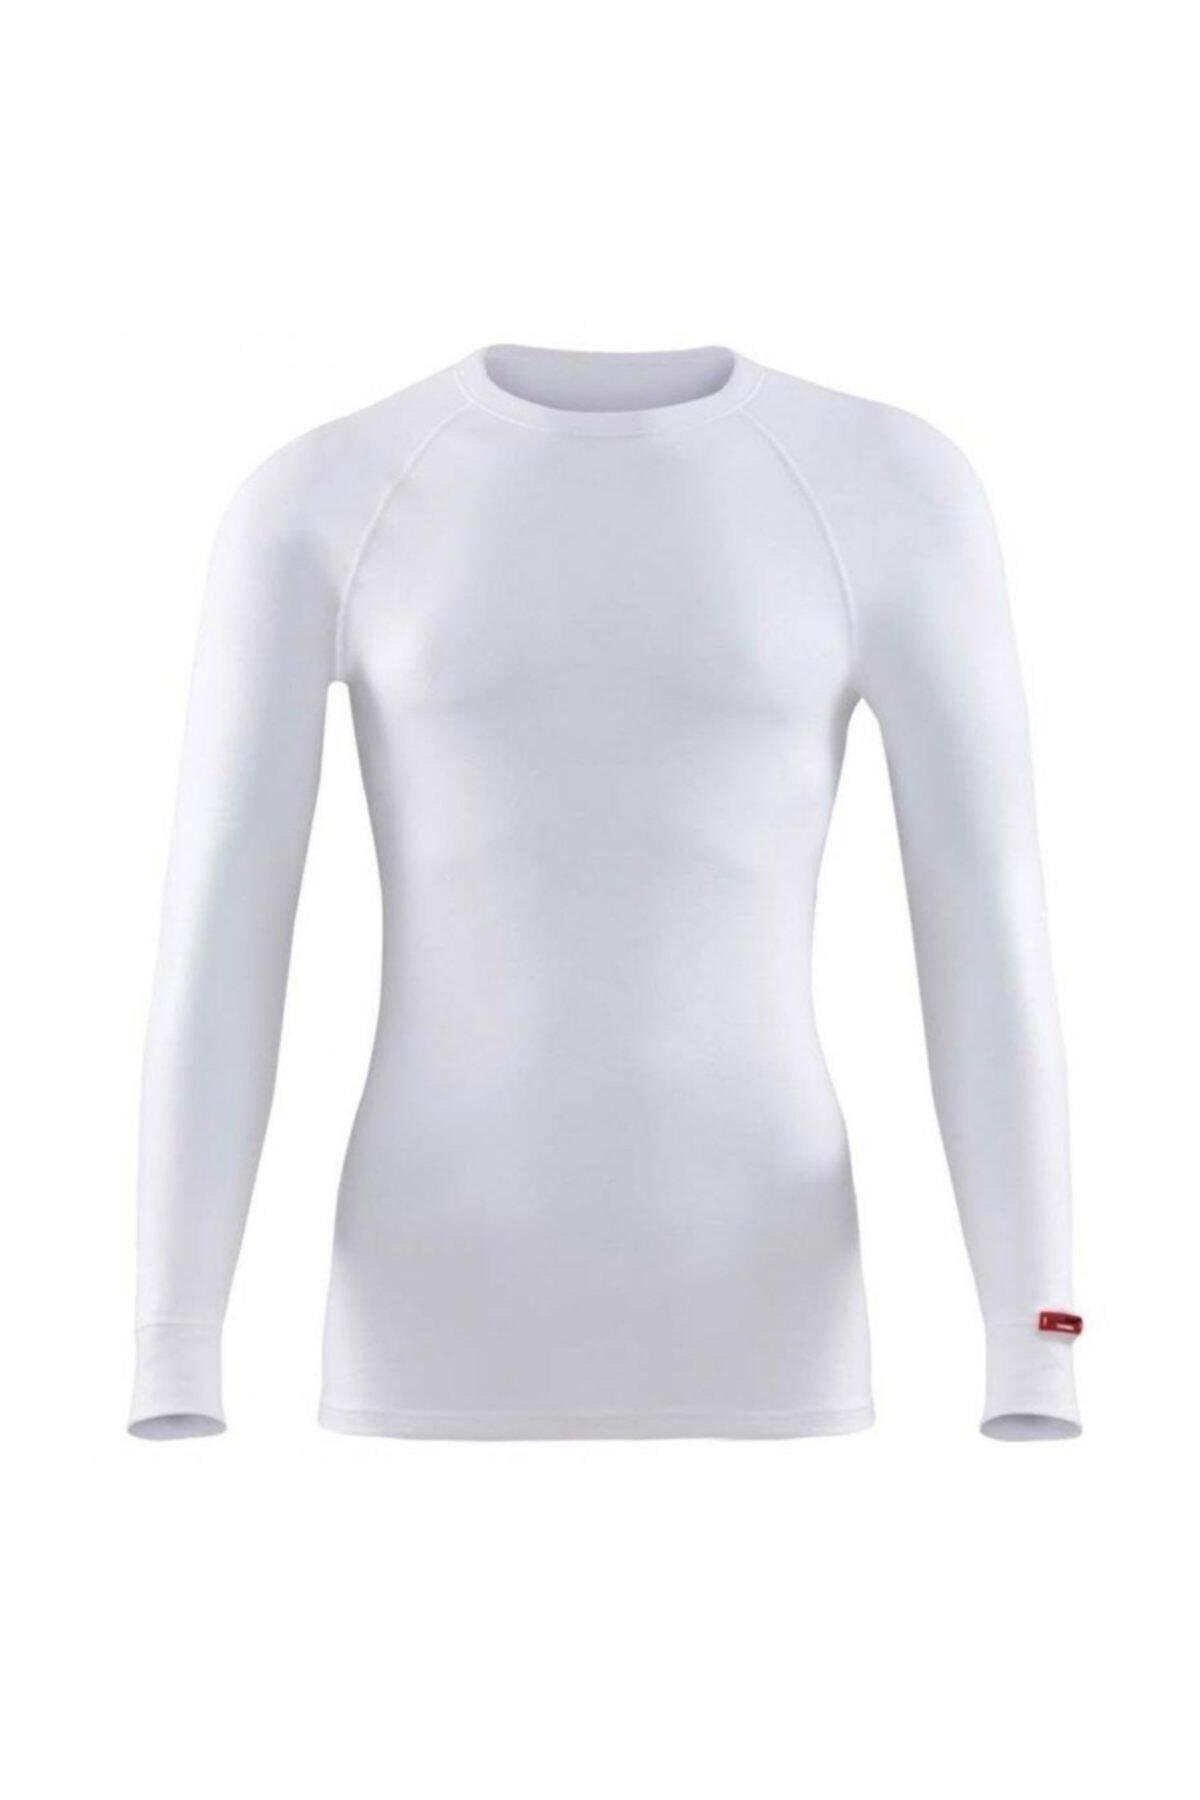 Blackspade 9259 Thermal Active O-neck Uzun Kol 2. Seviye Unisex Içlik - Beyaz - 2xl 1